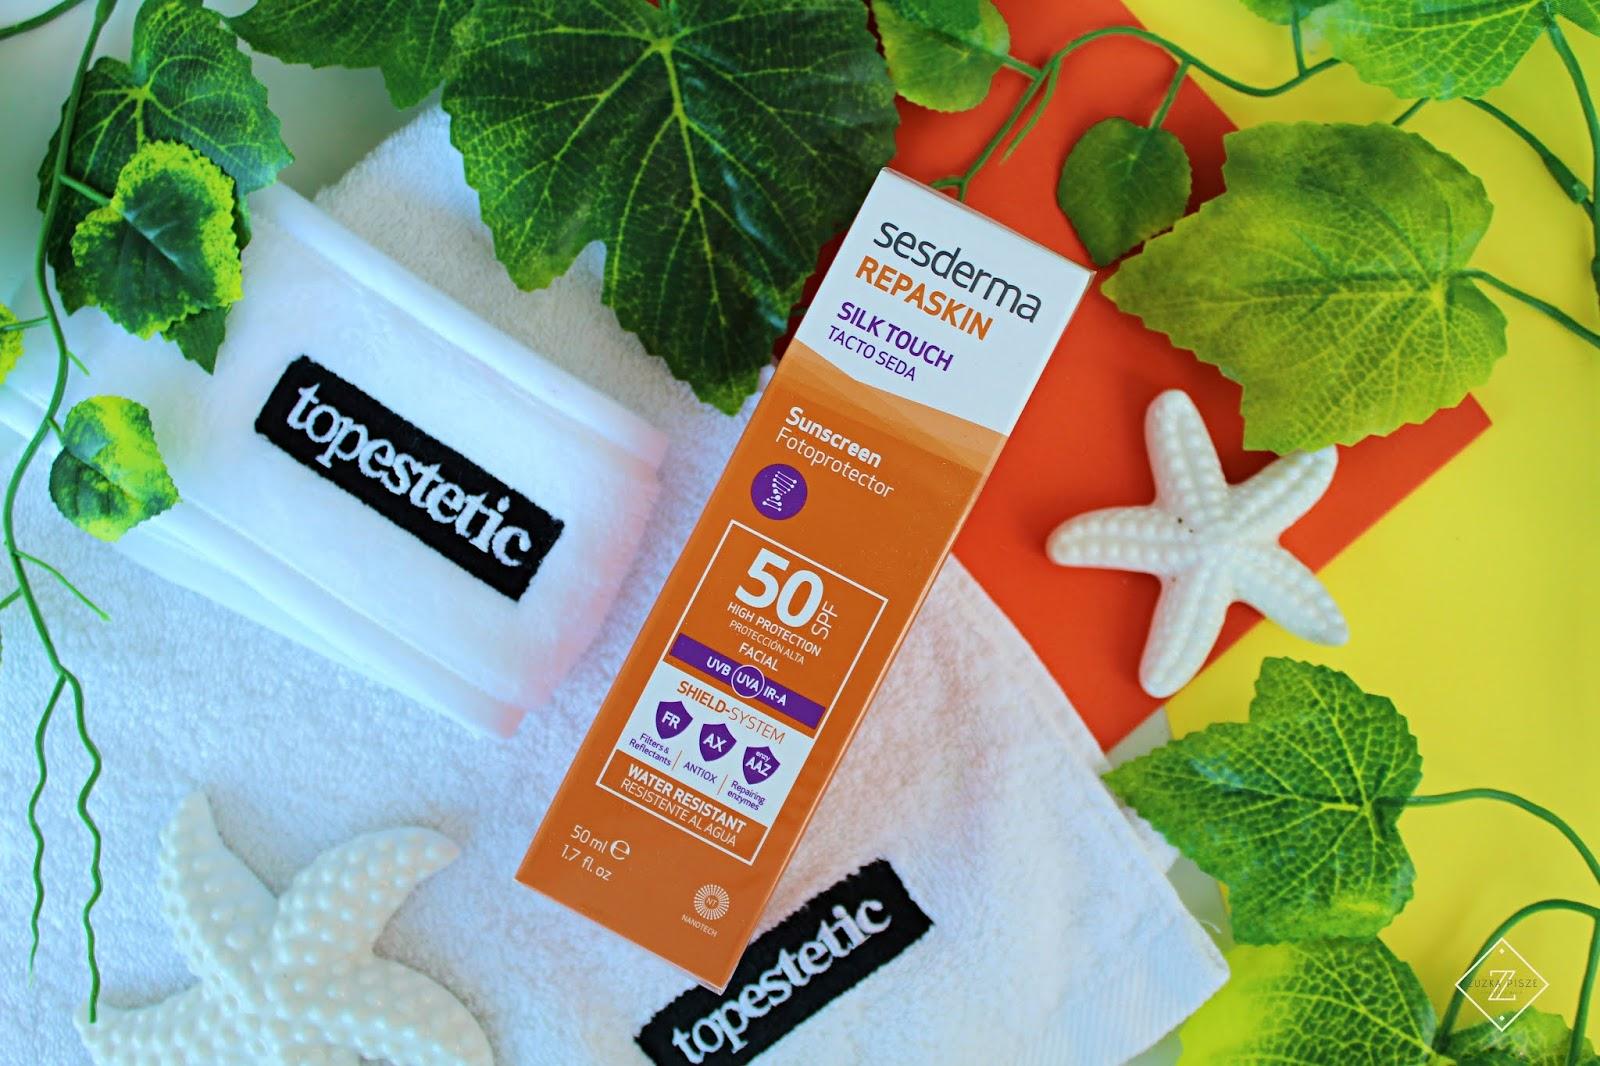 Sesderma Repaskin Silk Touch SPF 50 Krem liposomowy SPF 50 - topestetic.pl